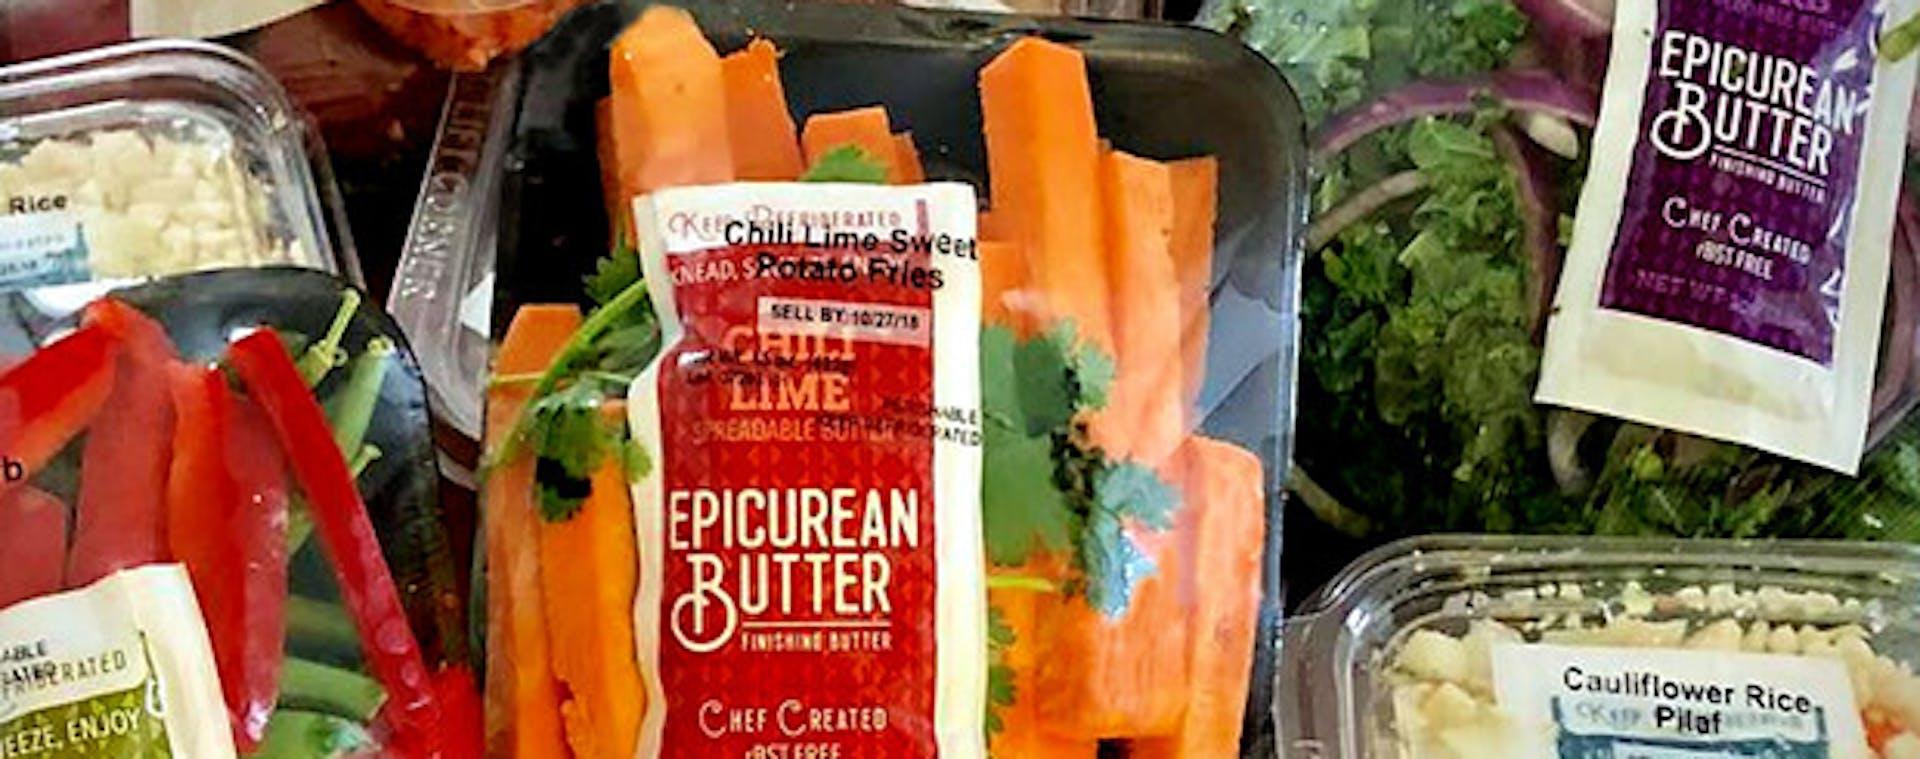 Epicurean Butter in Produce Kit's at Kroger